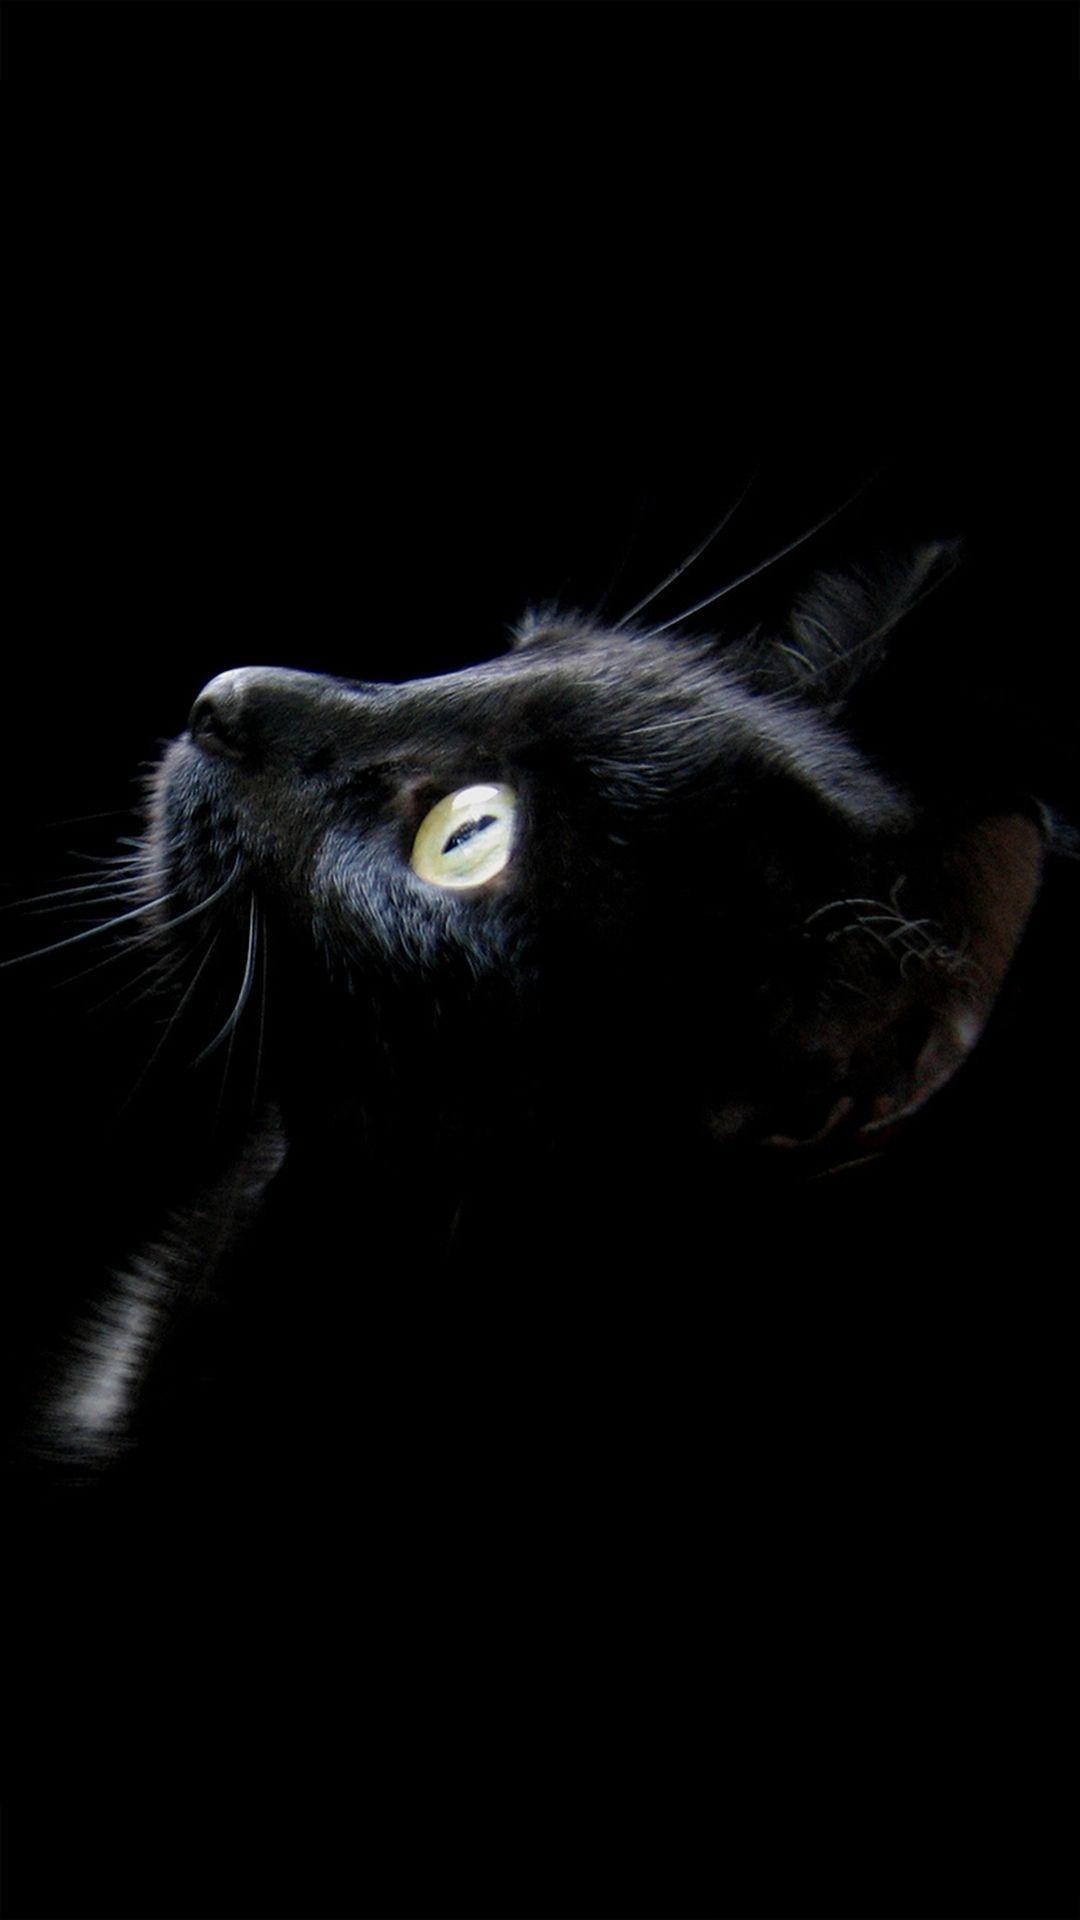 Cat Phone Android Iphone Desktop Hd Backgrounds Wallpapers 1080p 4k 101583 Hdwallpapers Androidwallpapers Iphonewal Cat Wallpaper Black Cat Cats